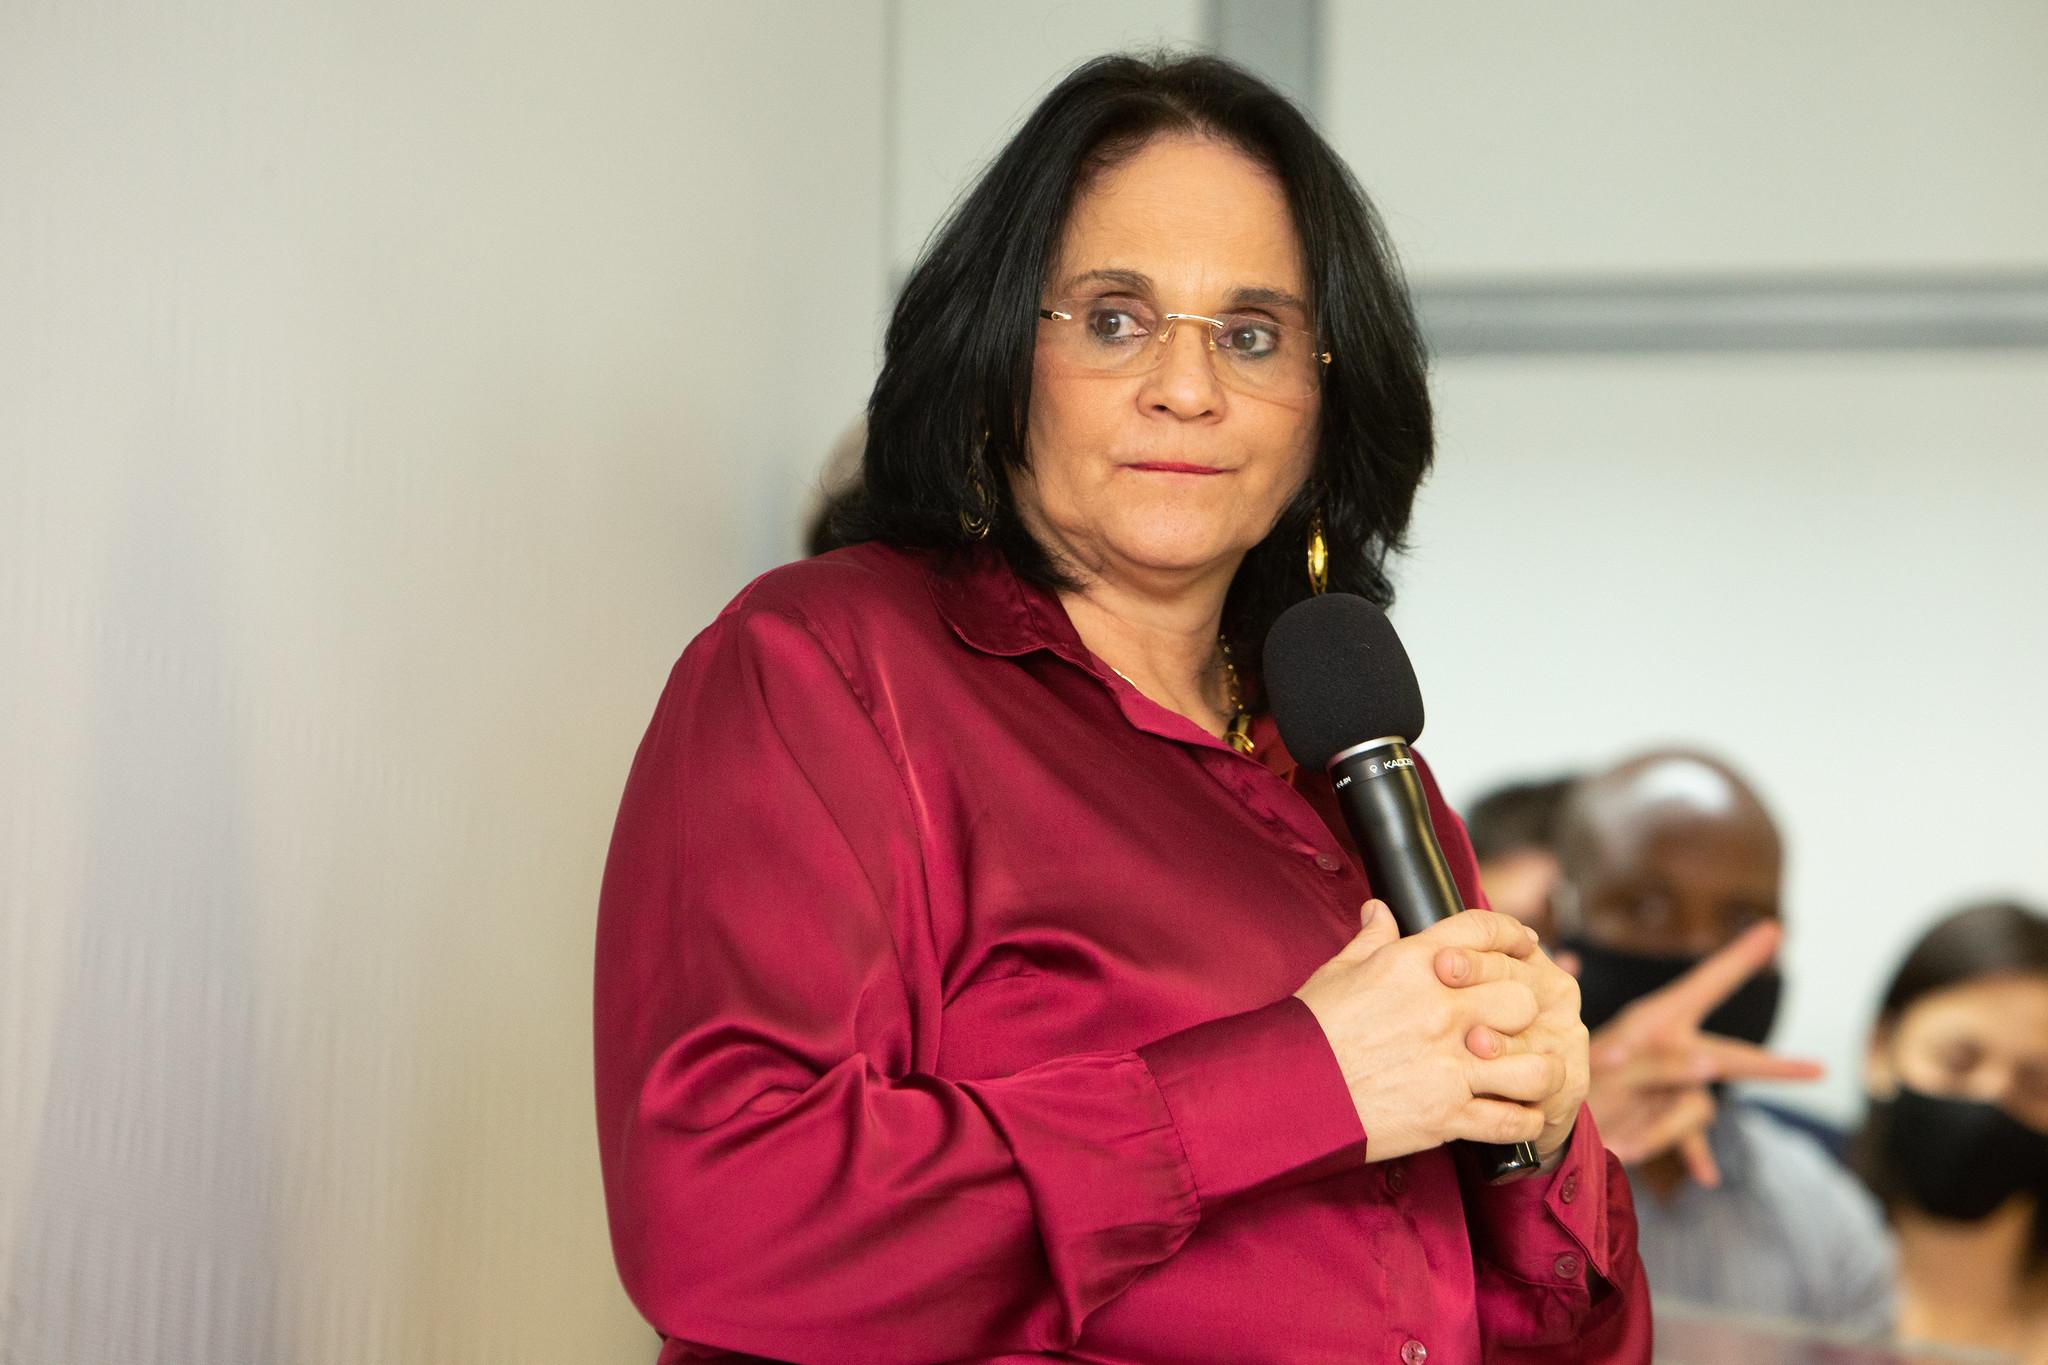 Ministra da Mulher, da Família e dos Direitos Humanos, Damares Alves. Foto: Willian Meira/MMFDH